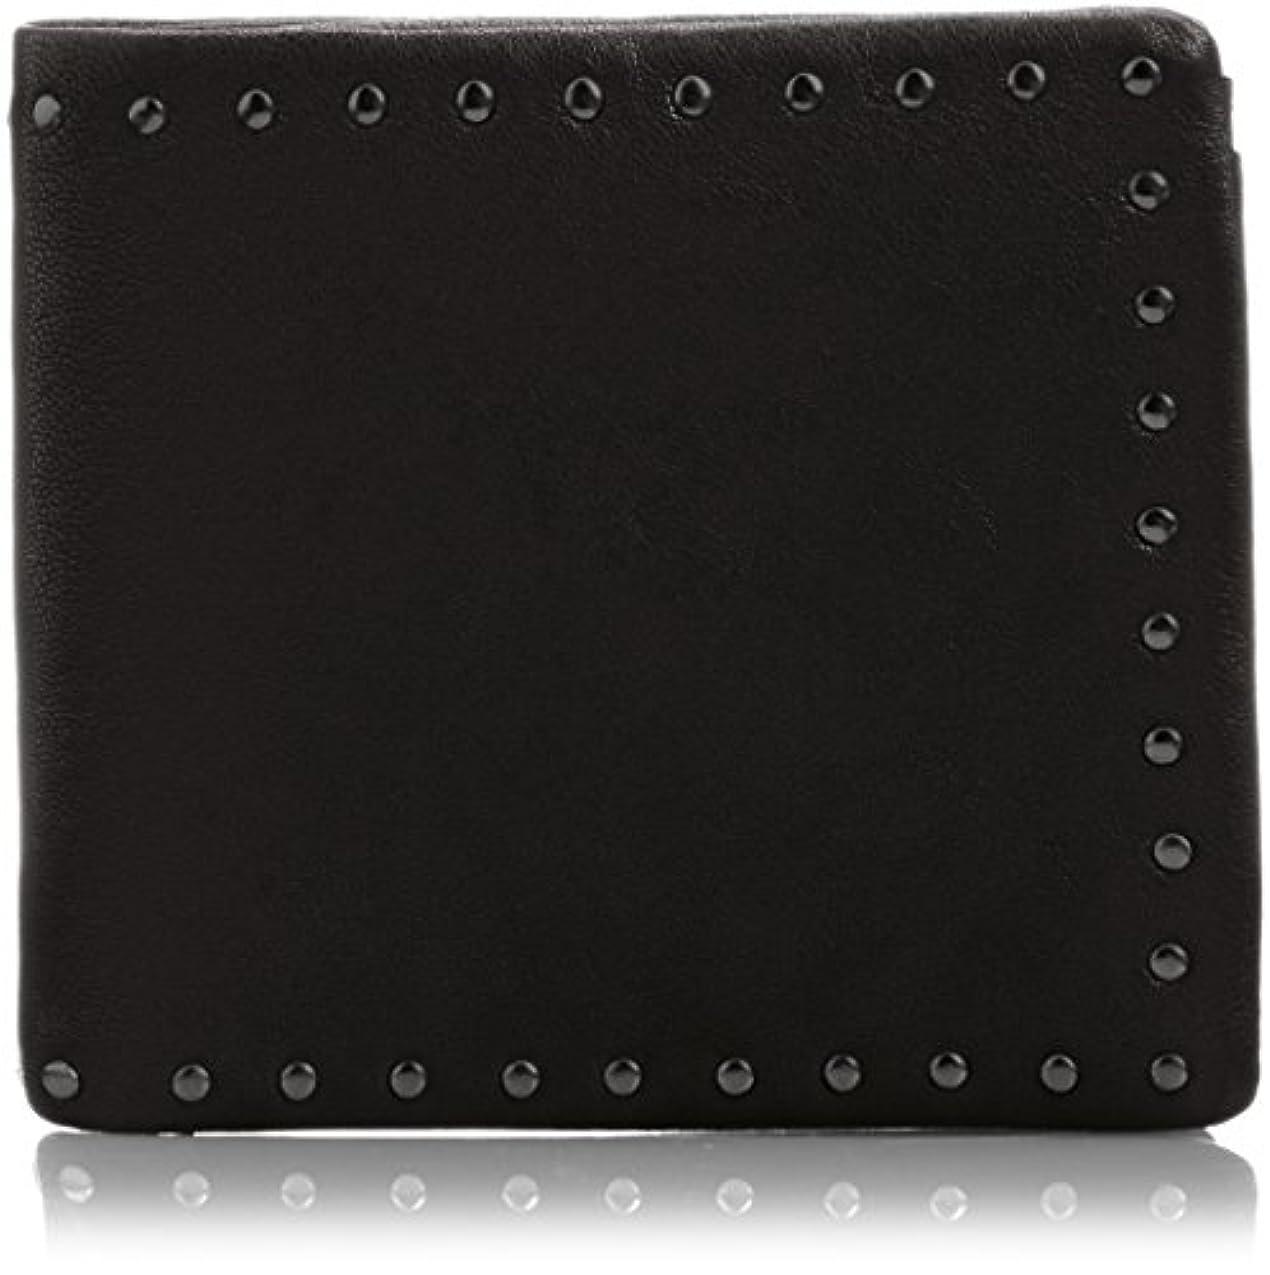 おばさん精査する肝[パトリック ステファン] 財布 二つ折り財布 コーナースタッズ  羊革 124AWA15